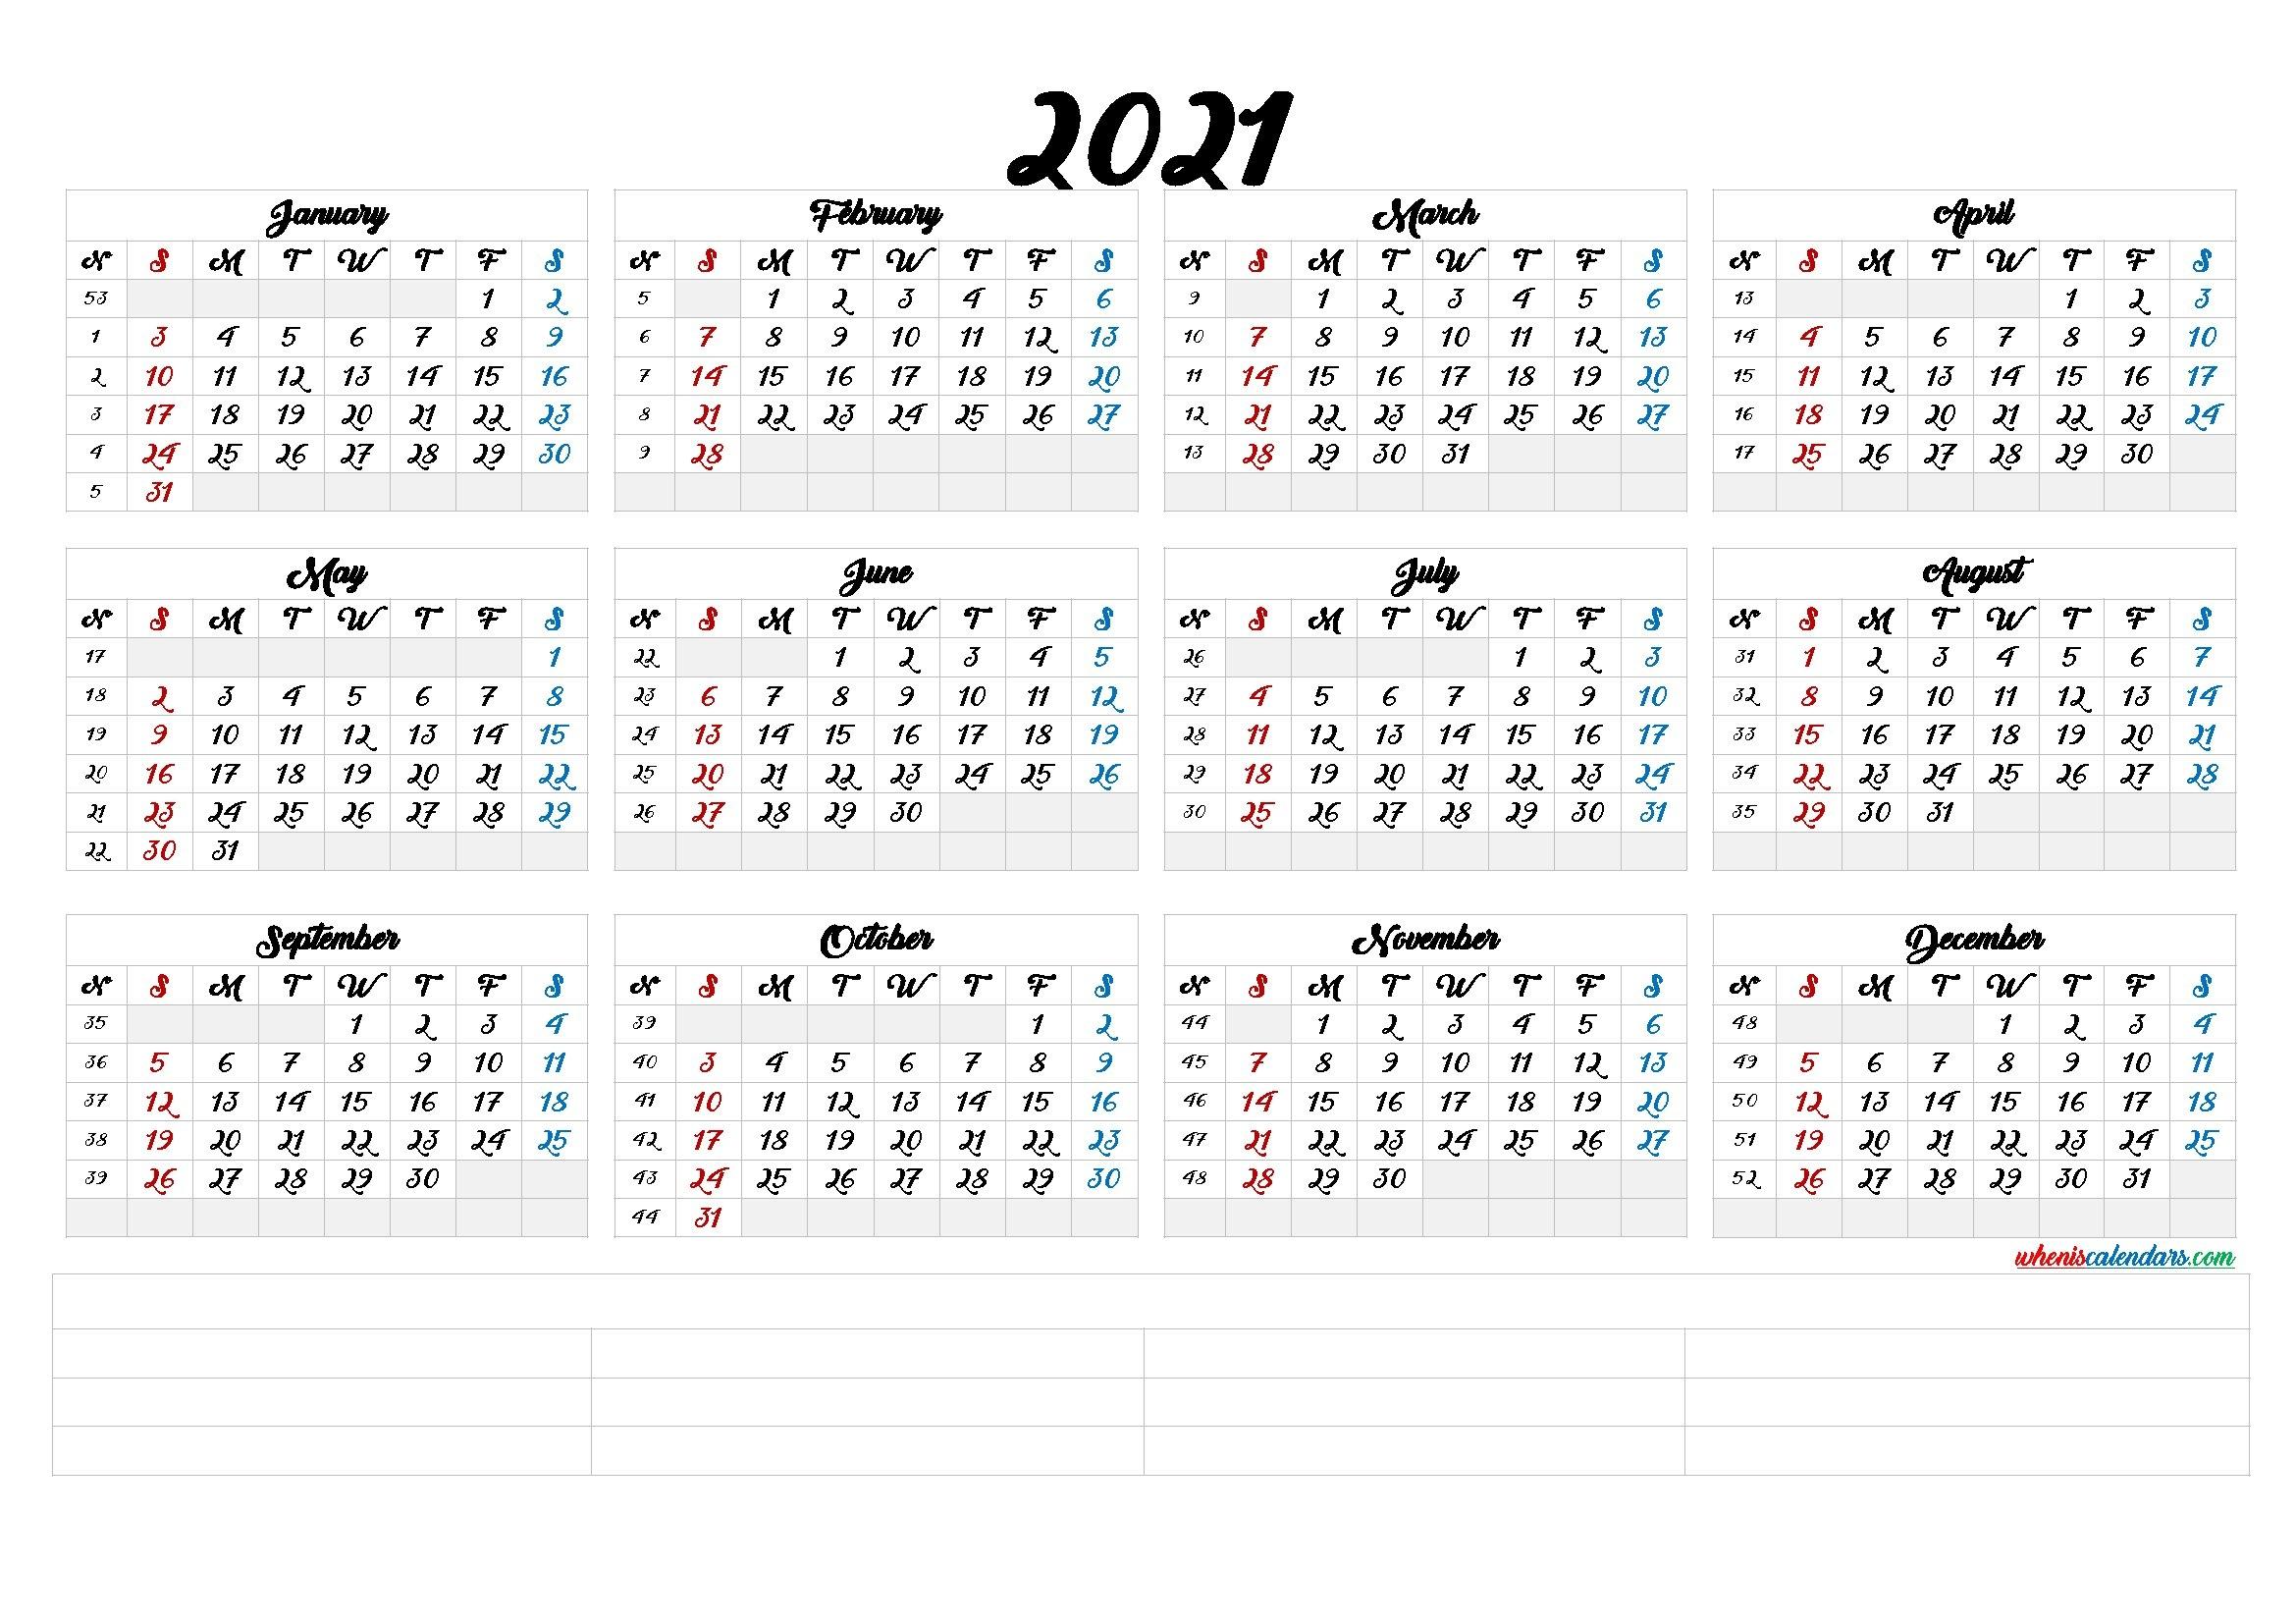 2021 Calendar With Week Number Printable Free : 2021 Yearly Business Calendar With Week Number pertaining to Printable Weekly Calendar 2021 Photo